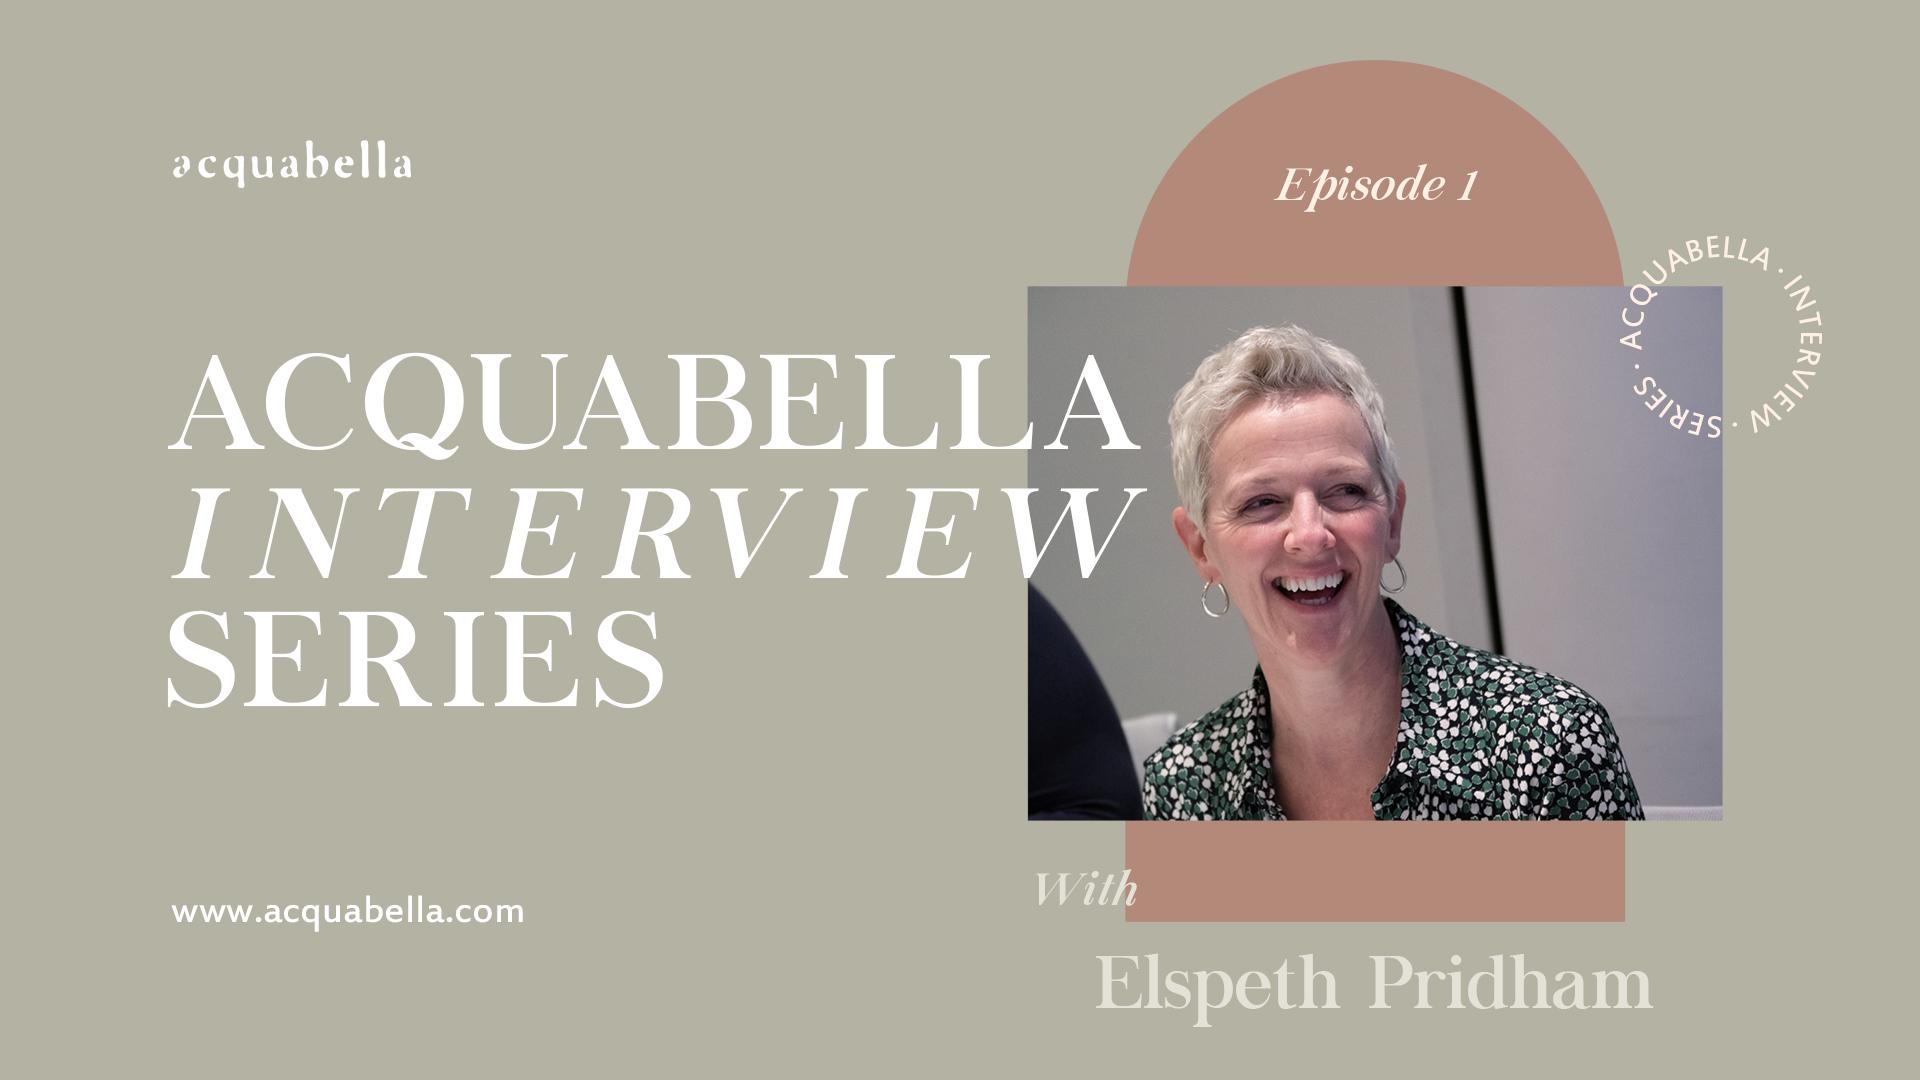 Acquabella Interview Series | Elspeth Pridham